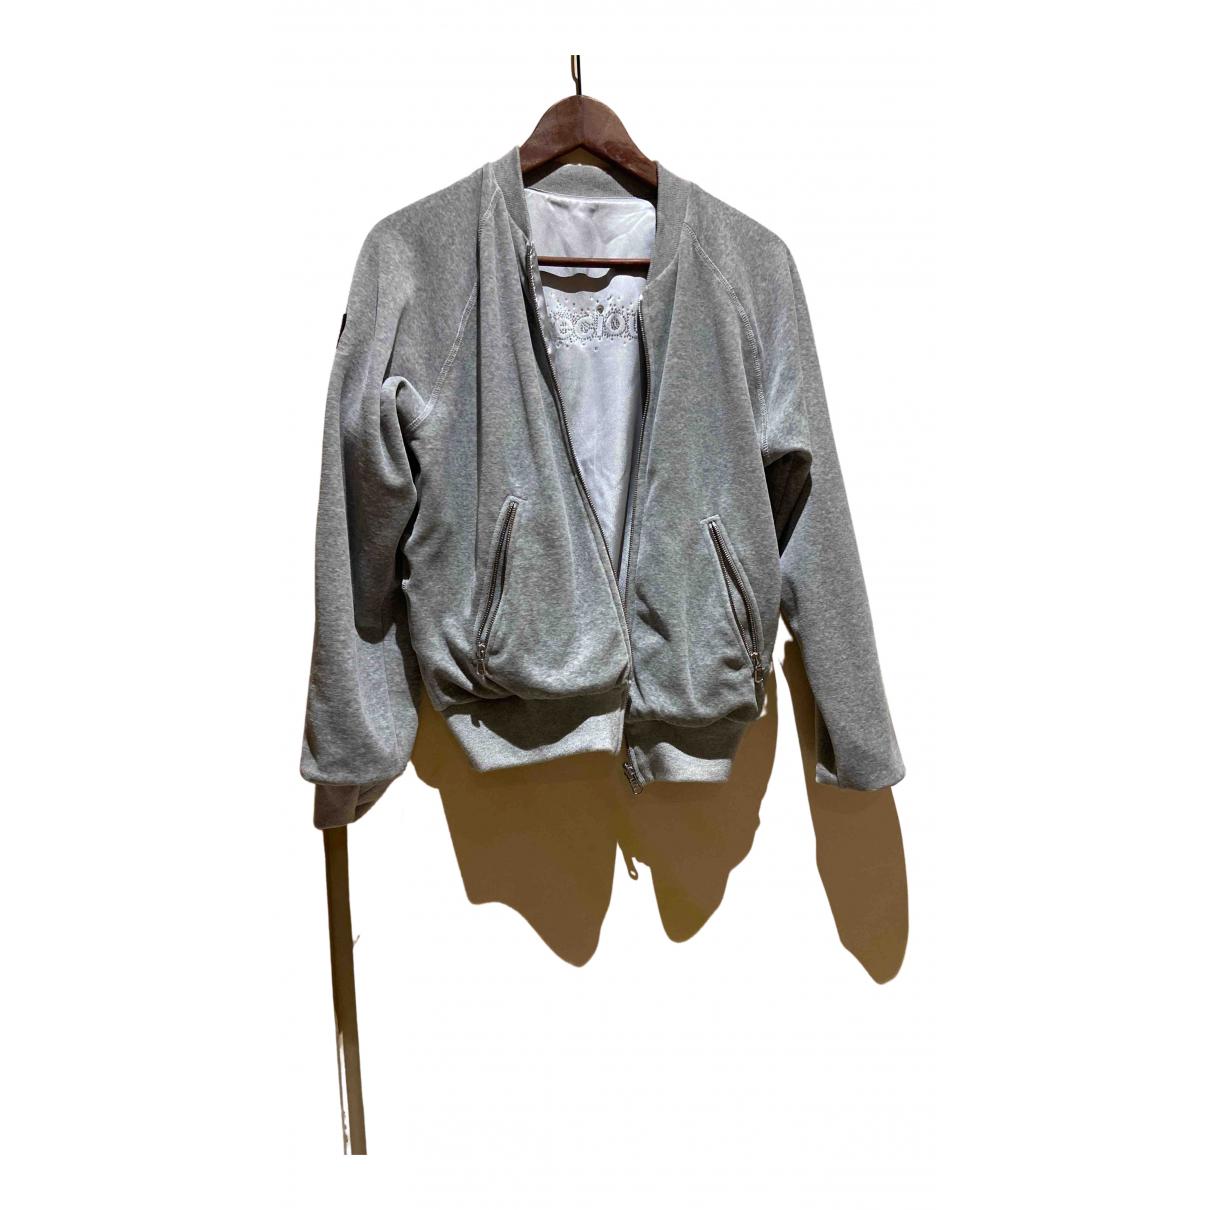 Sonia Rykiel \N Jacke, Maentel in  Grau Polyester